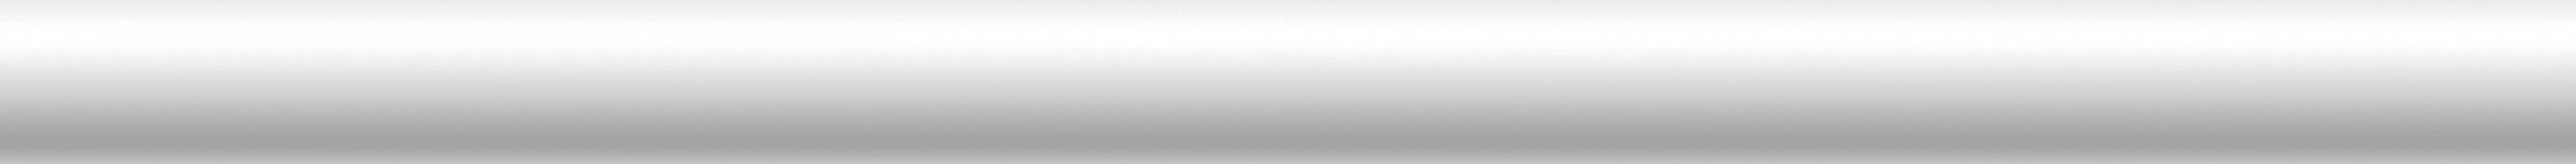 Настенный бордюр Meissen Keramik Gatsby  белый 1,6x25 GT1C051